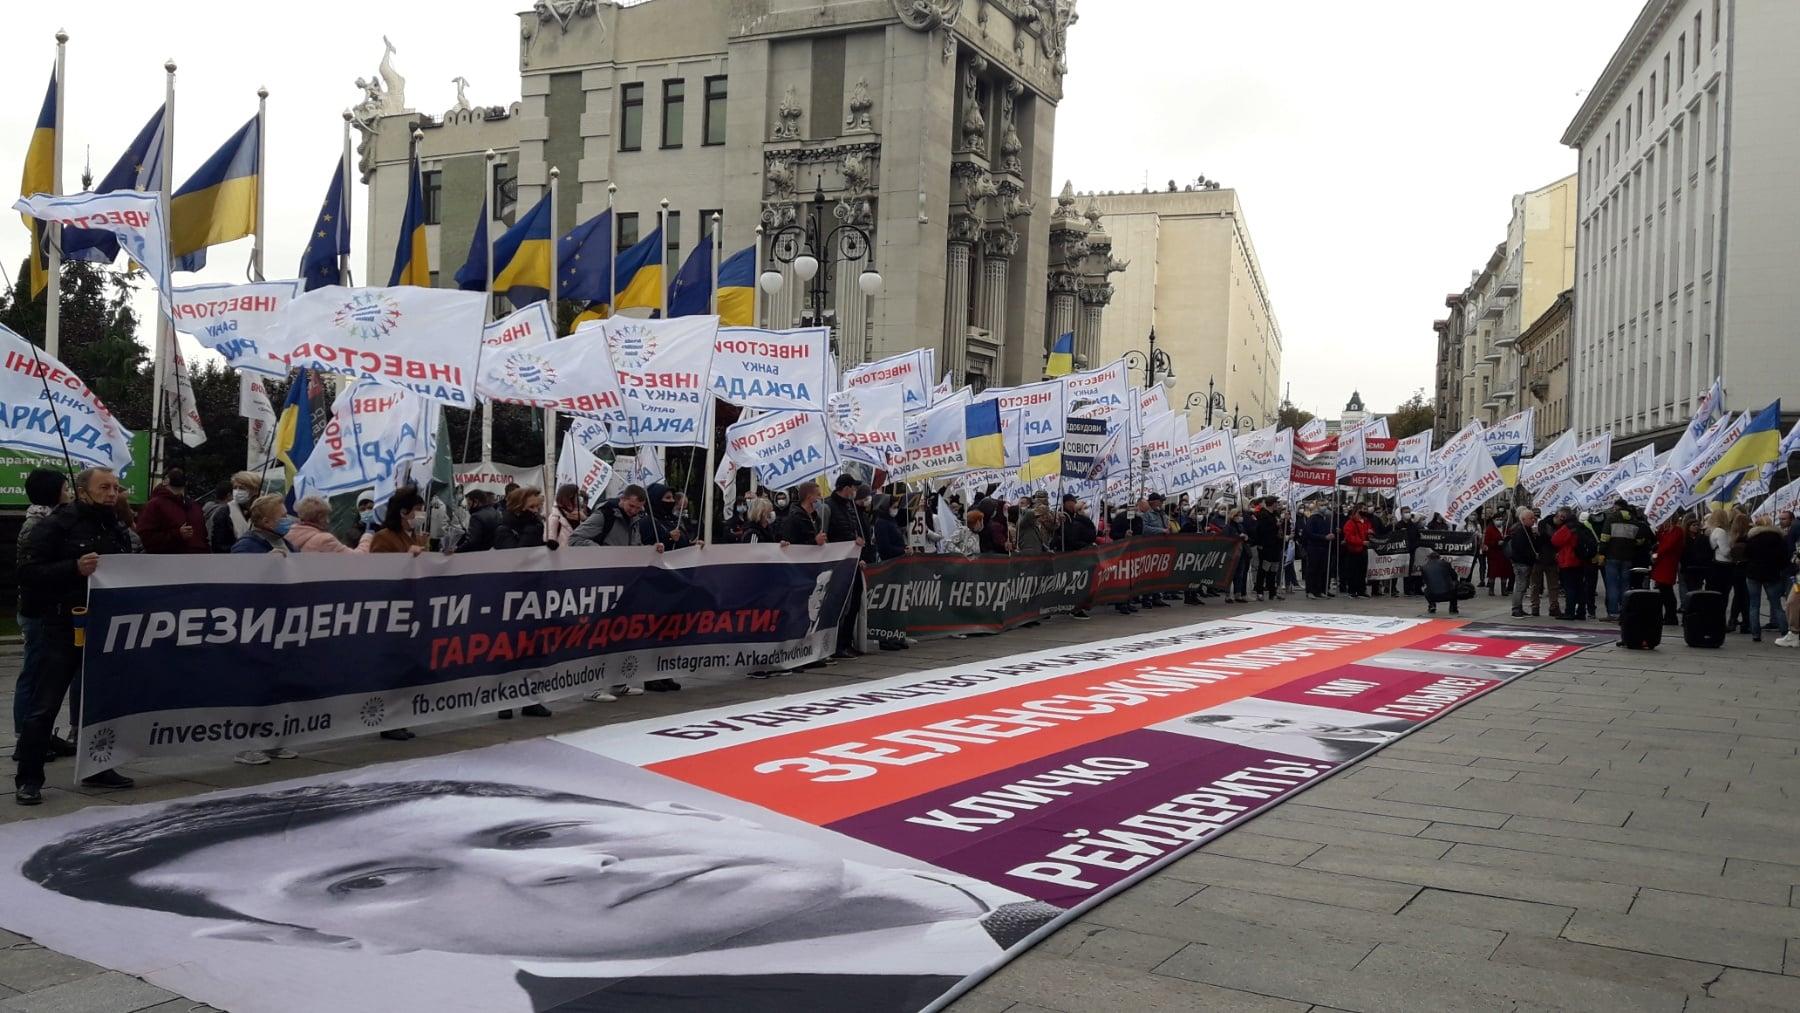 """Інвестори банку """"Аркада"""" влаштували бунт в центрі Києва, є затримані"""